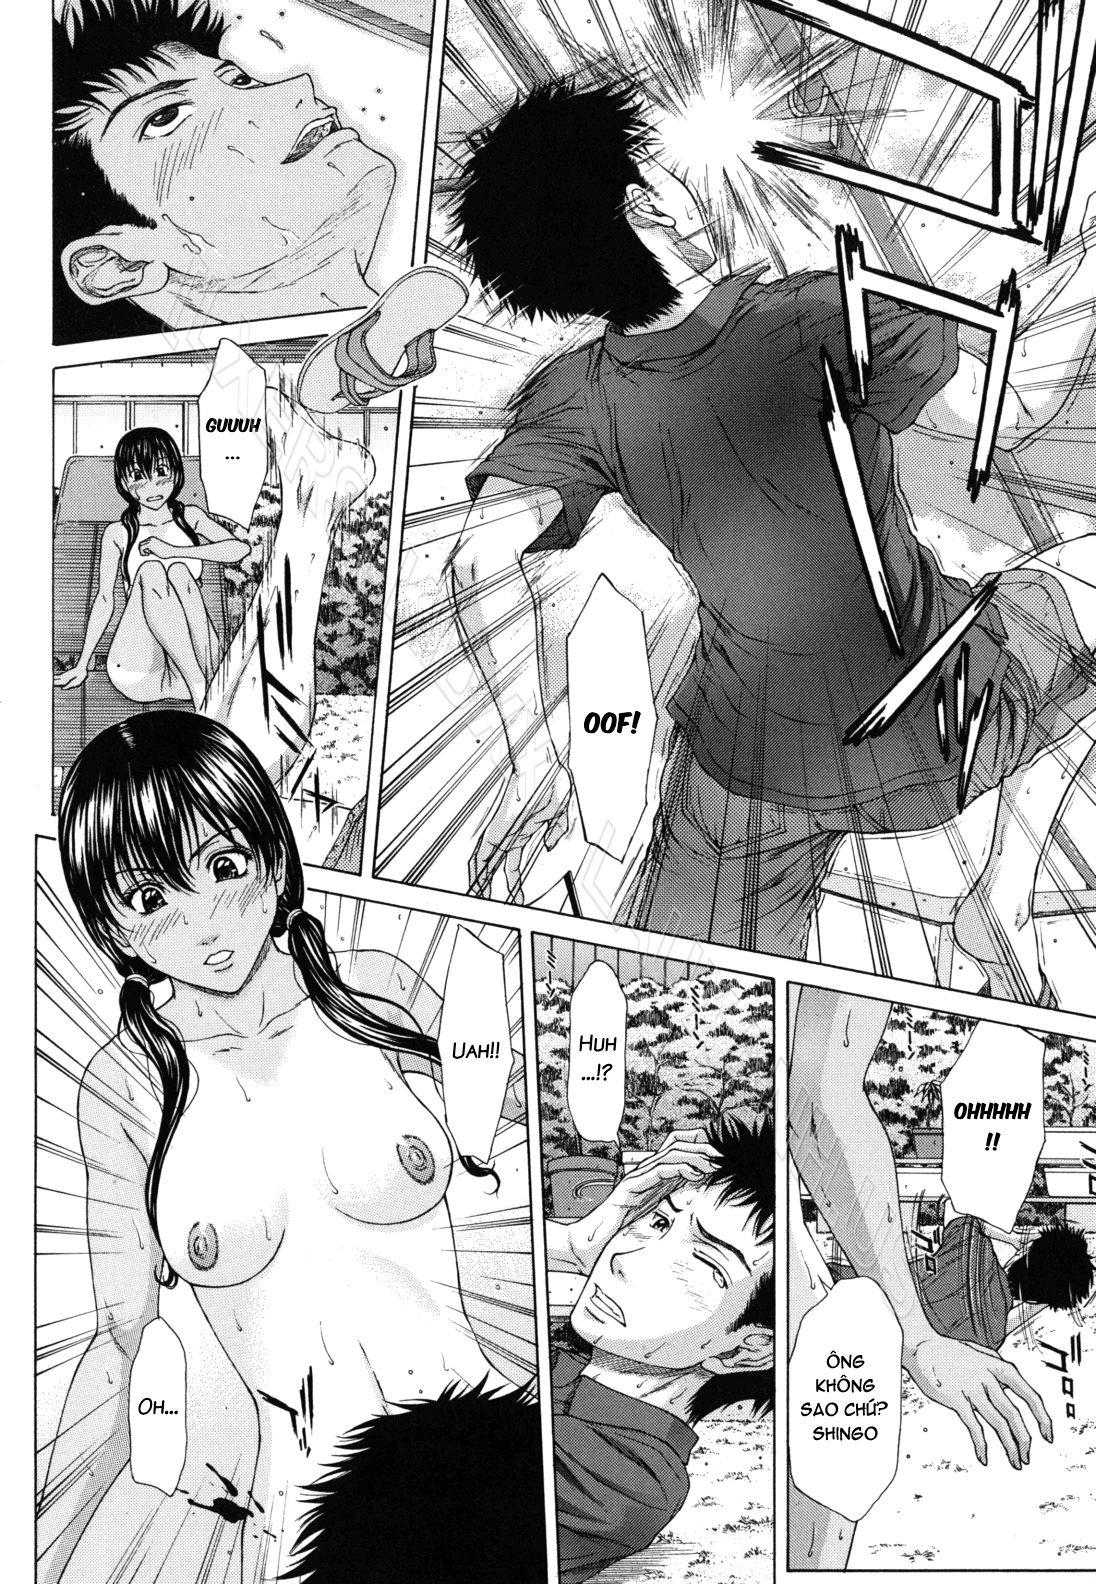 Hình ảnh nudity www.hentairules.net 175%2Bcopy in Nong lồn em ra đi anh